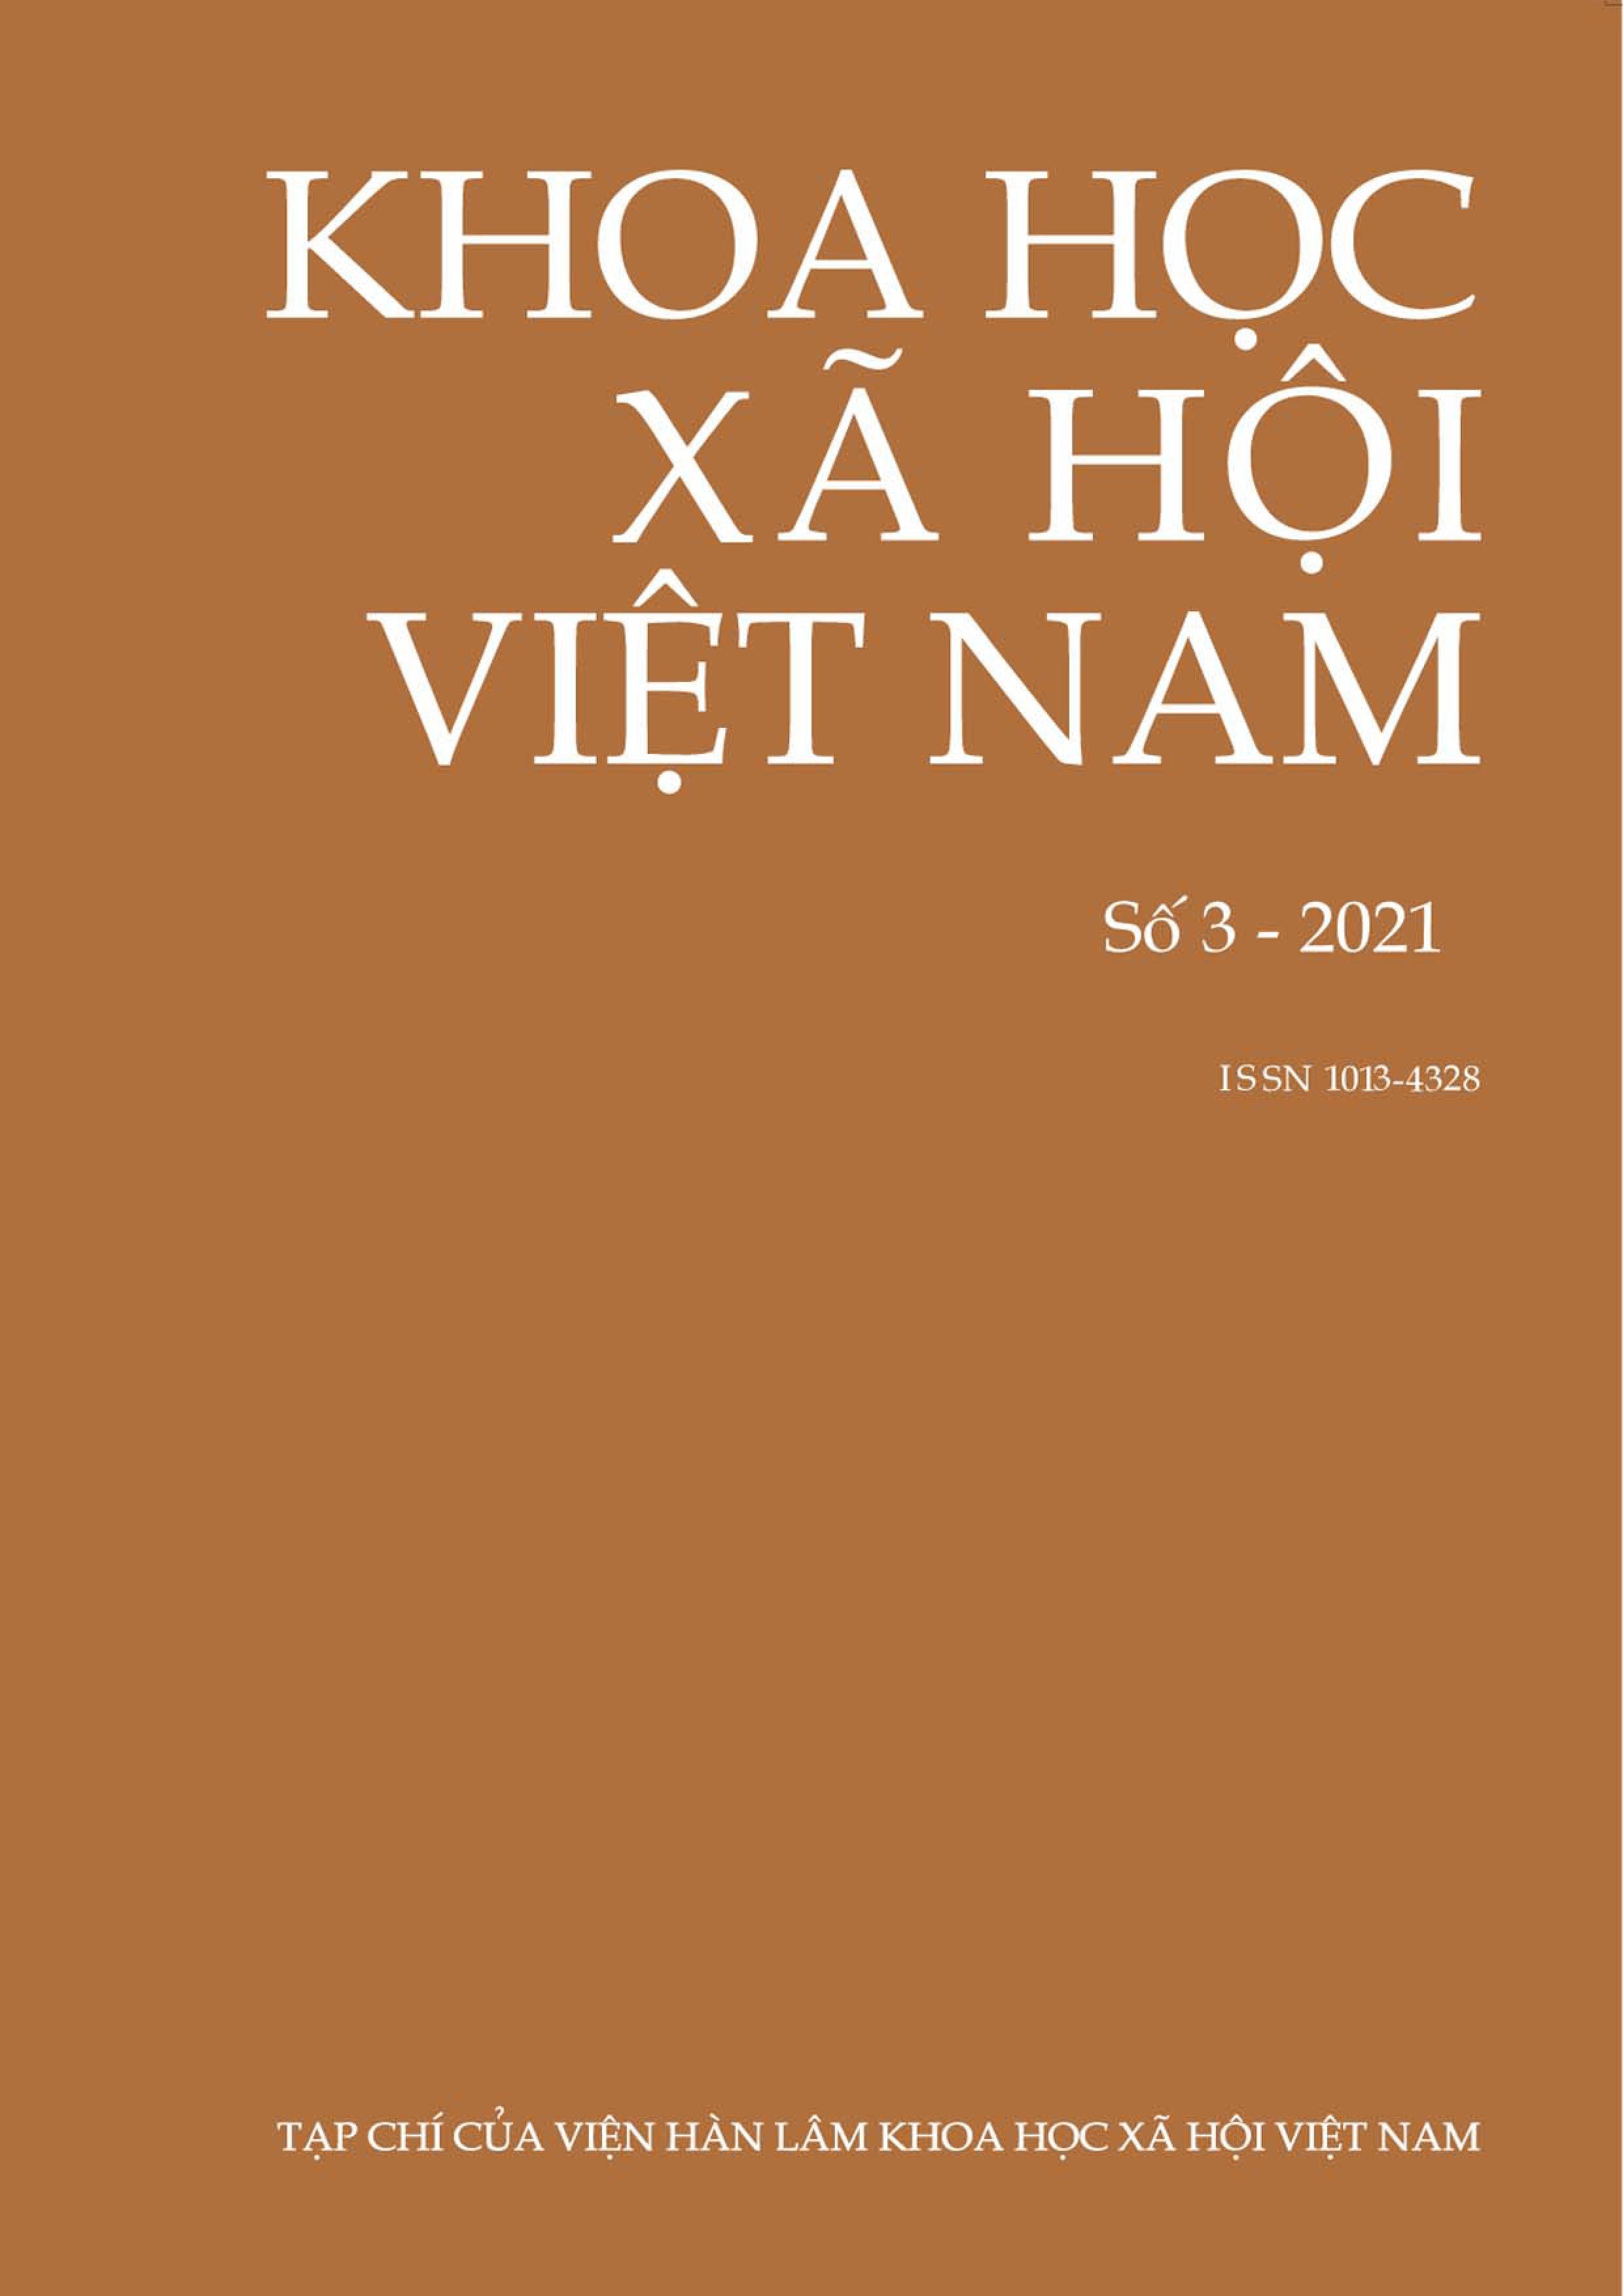 Khoa học xã hội Việt Nam. Số 3 - 2021